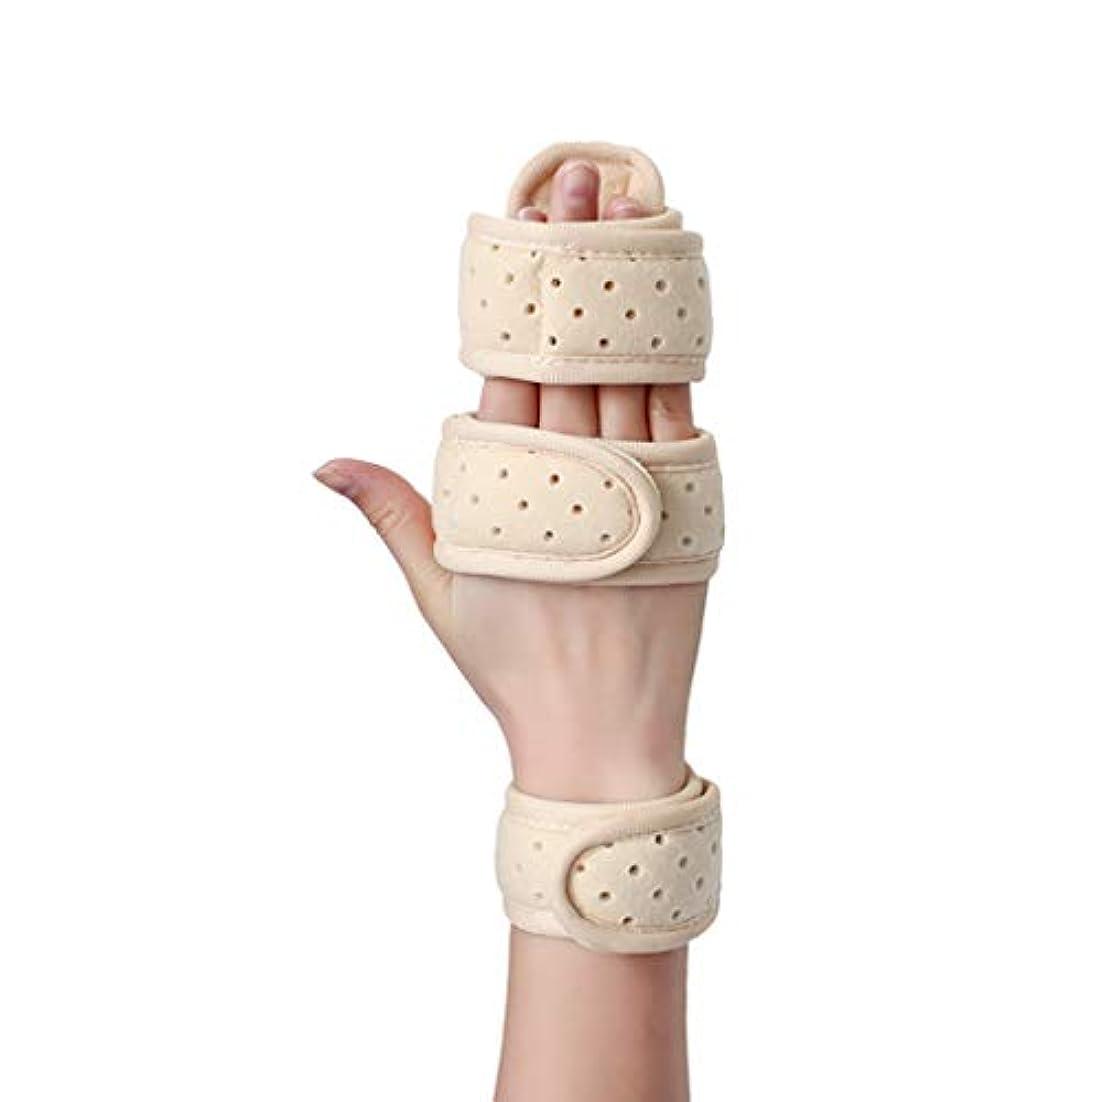 毛布飼いならす崇拝します手首ストラップ手首指指の関節ナックル固定指骨折創傷術後のケアと副木の痛みの軽減